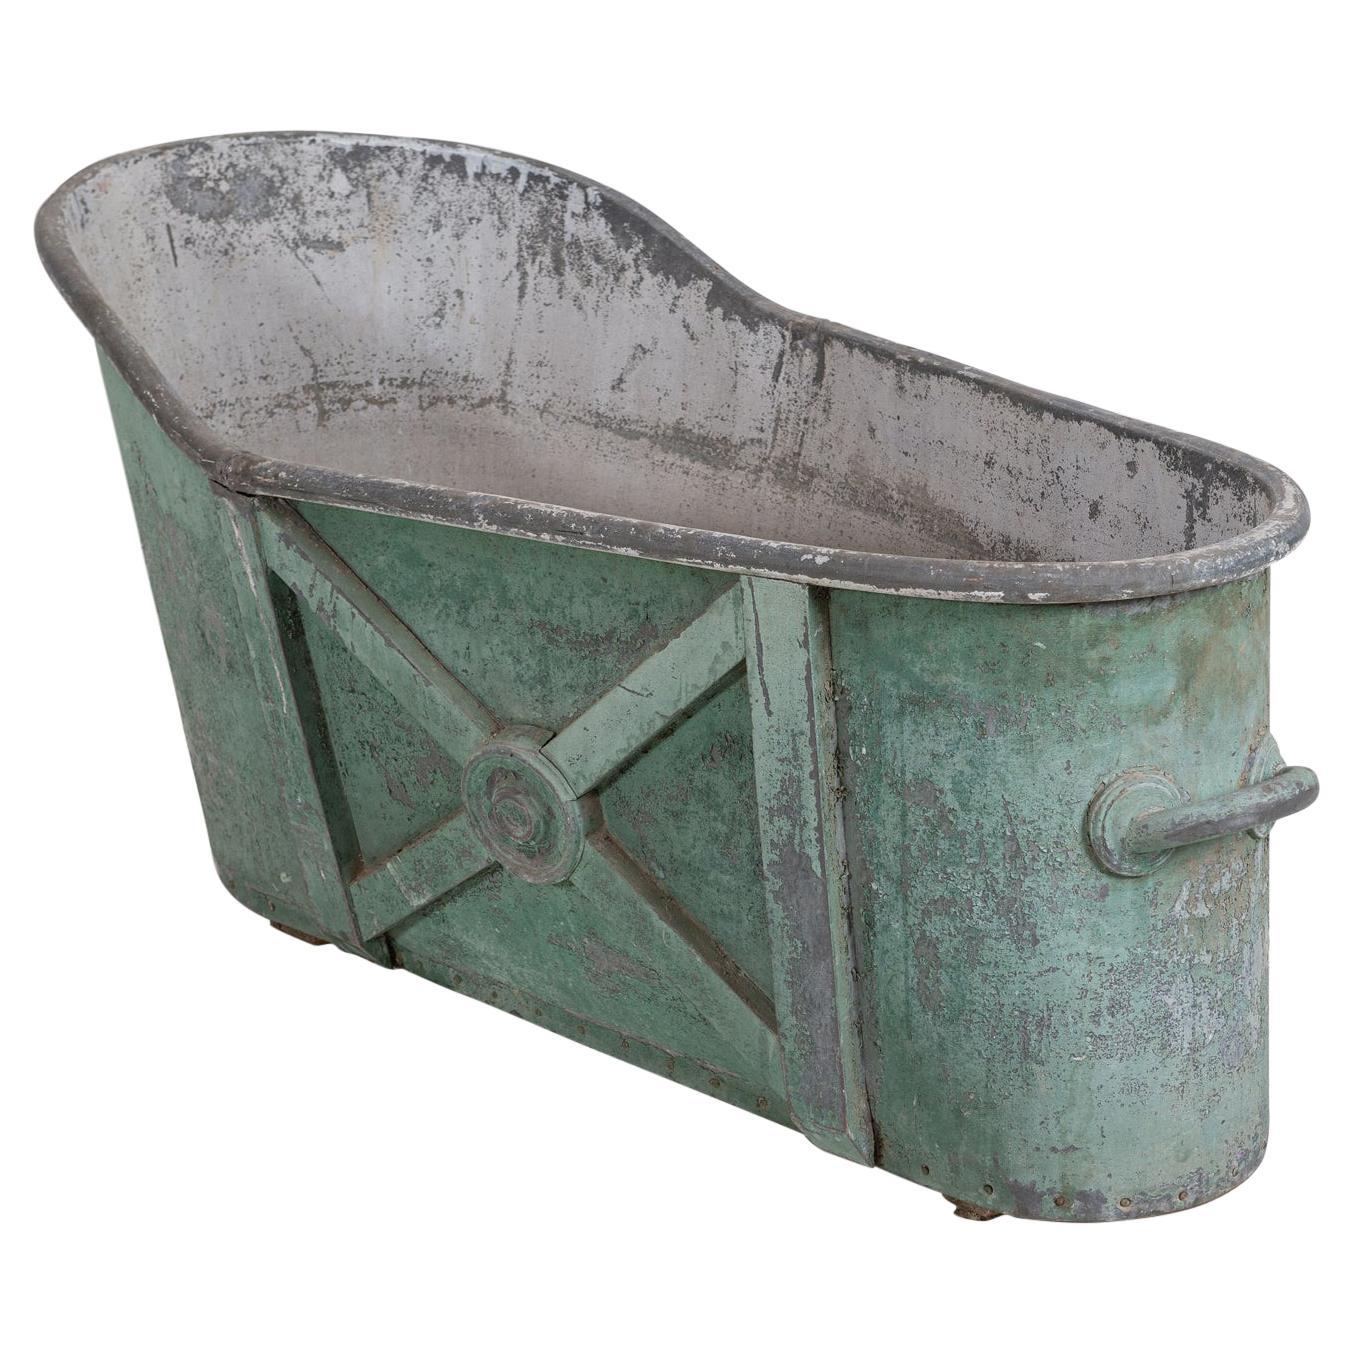 19thC French Green Zinc Bath Tub